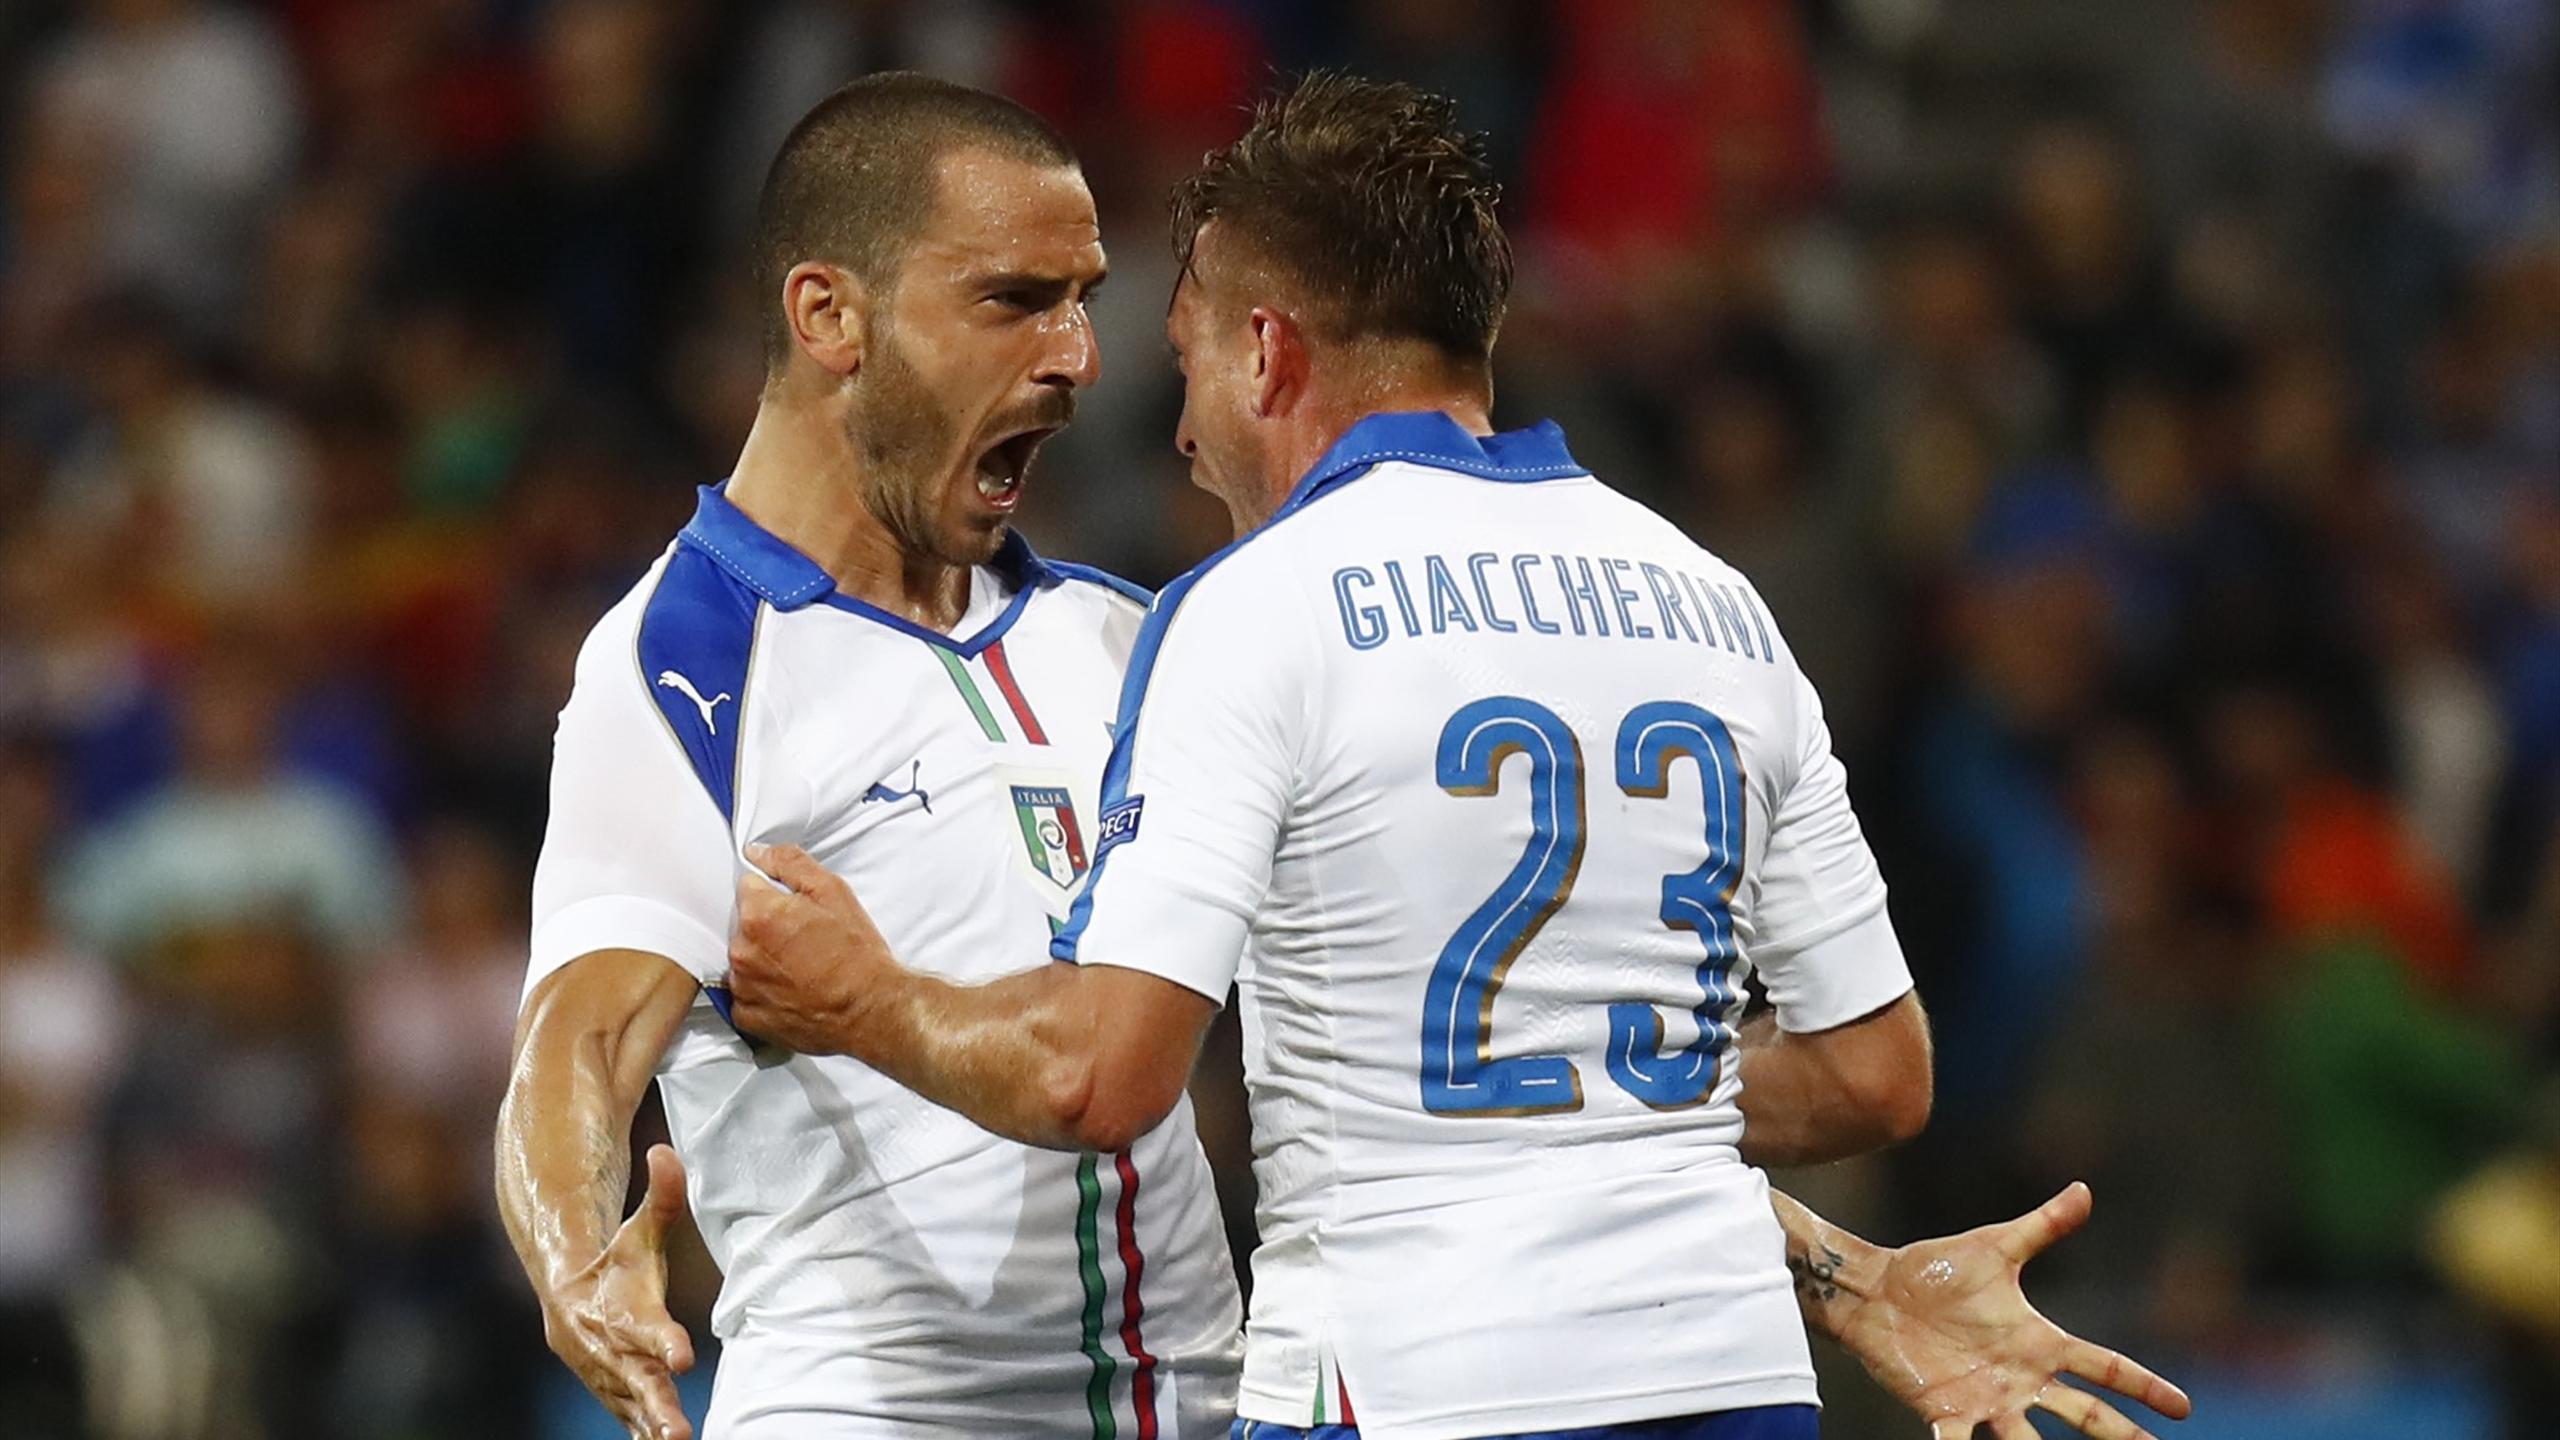 Italy's Emanuele Giaccherini celebrates scoring their first goal with Leonardo Bonucci